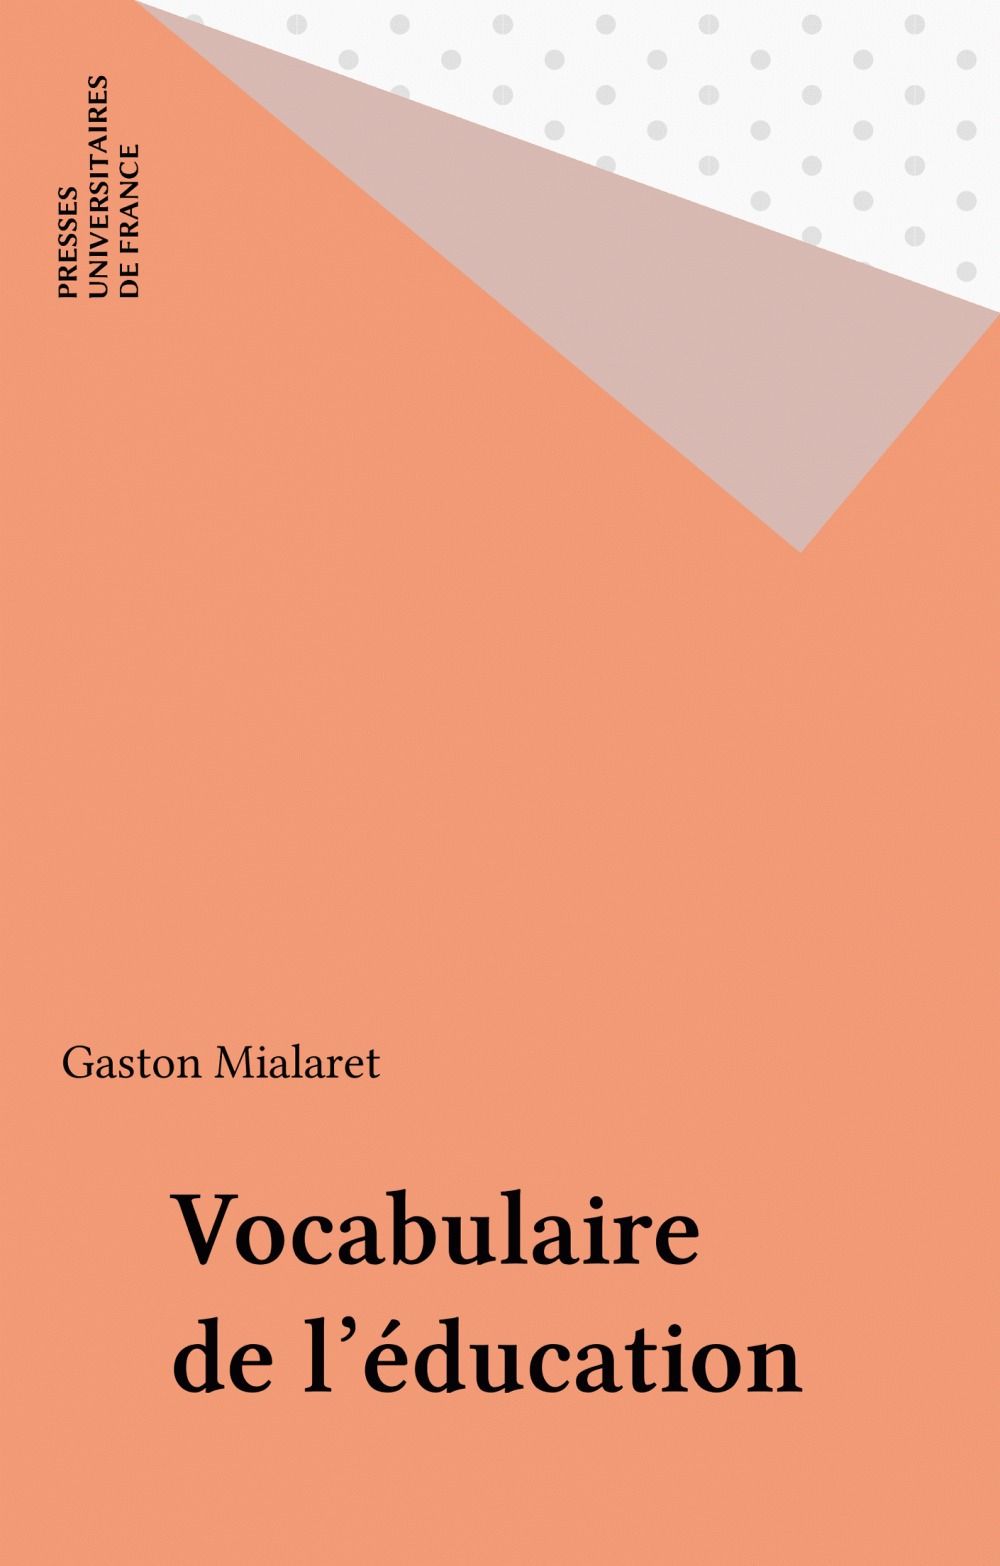 Vocabulaire de l'education